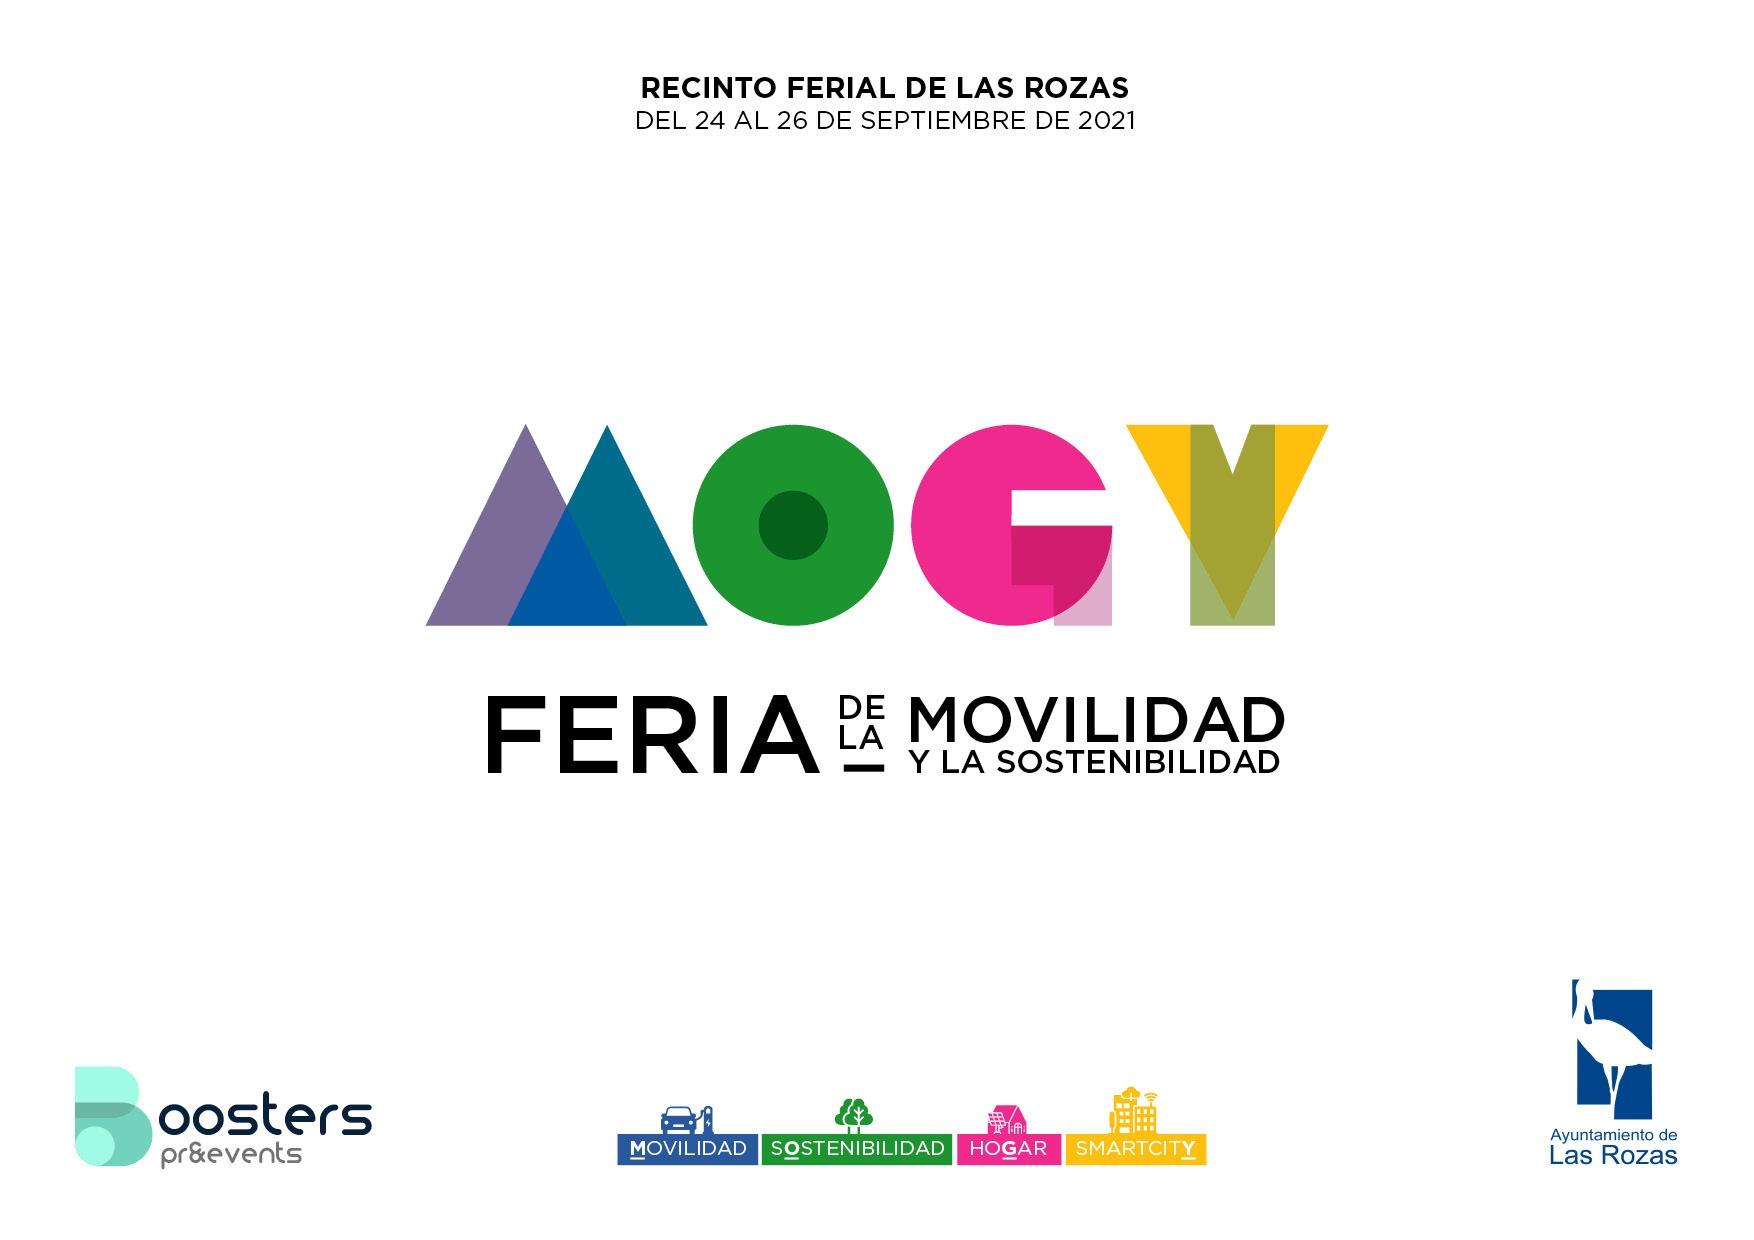 MOGY, I Feria de la Movilidad, la SOstenibilidad, El HoGar y la Smart CitY